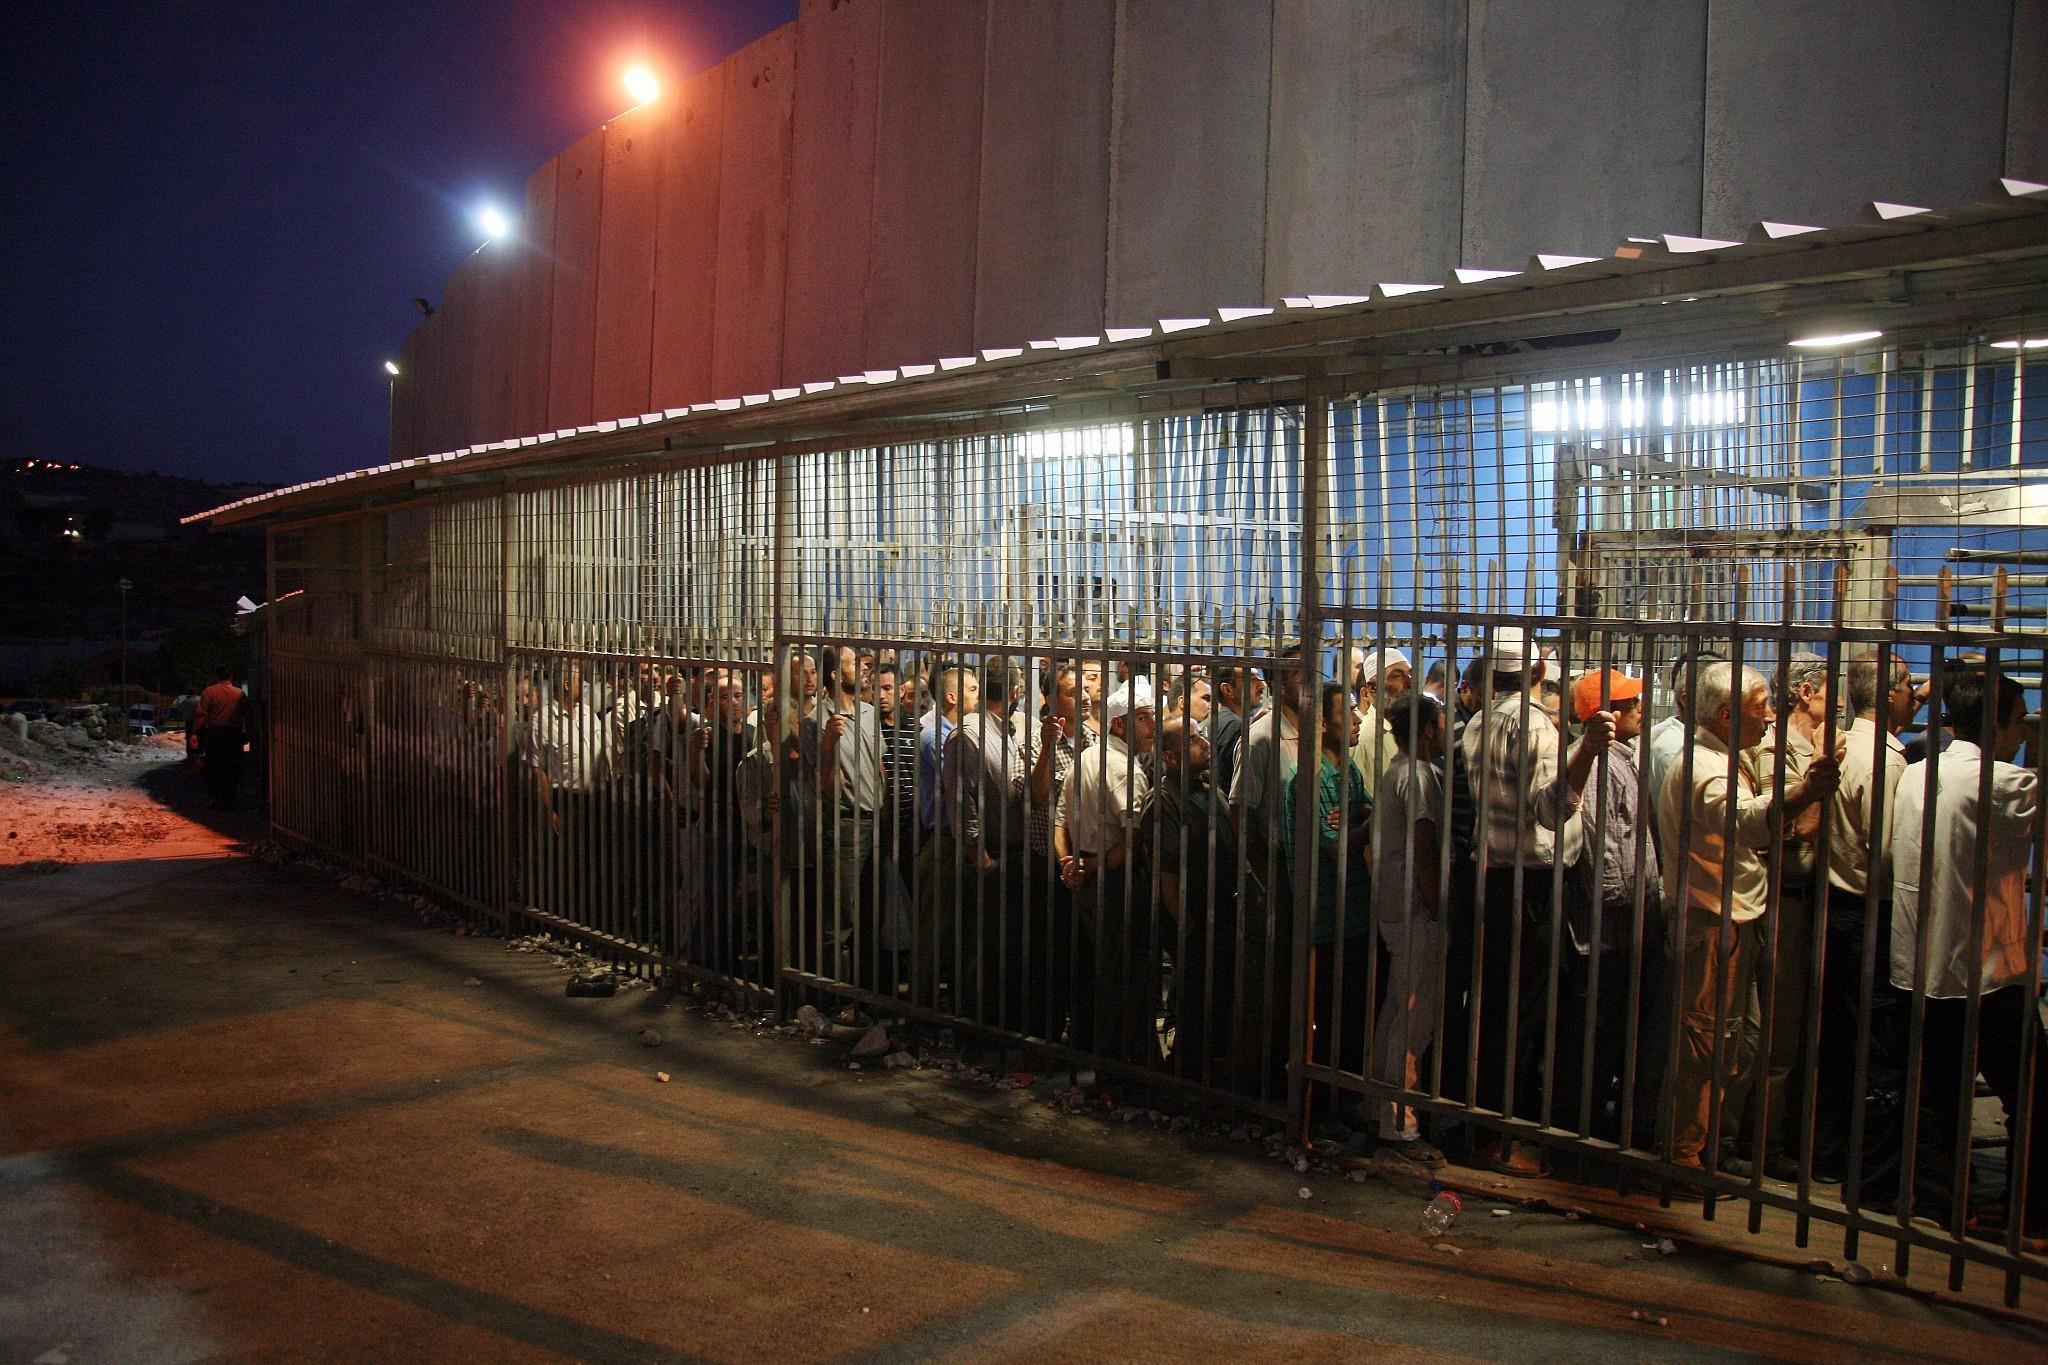 Israël prévoit 16.000 permis de travail supplémentaires pour des Palestiniens